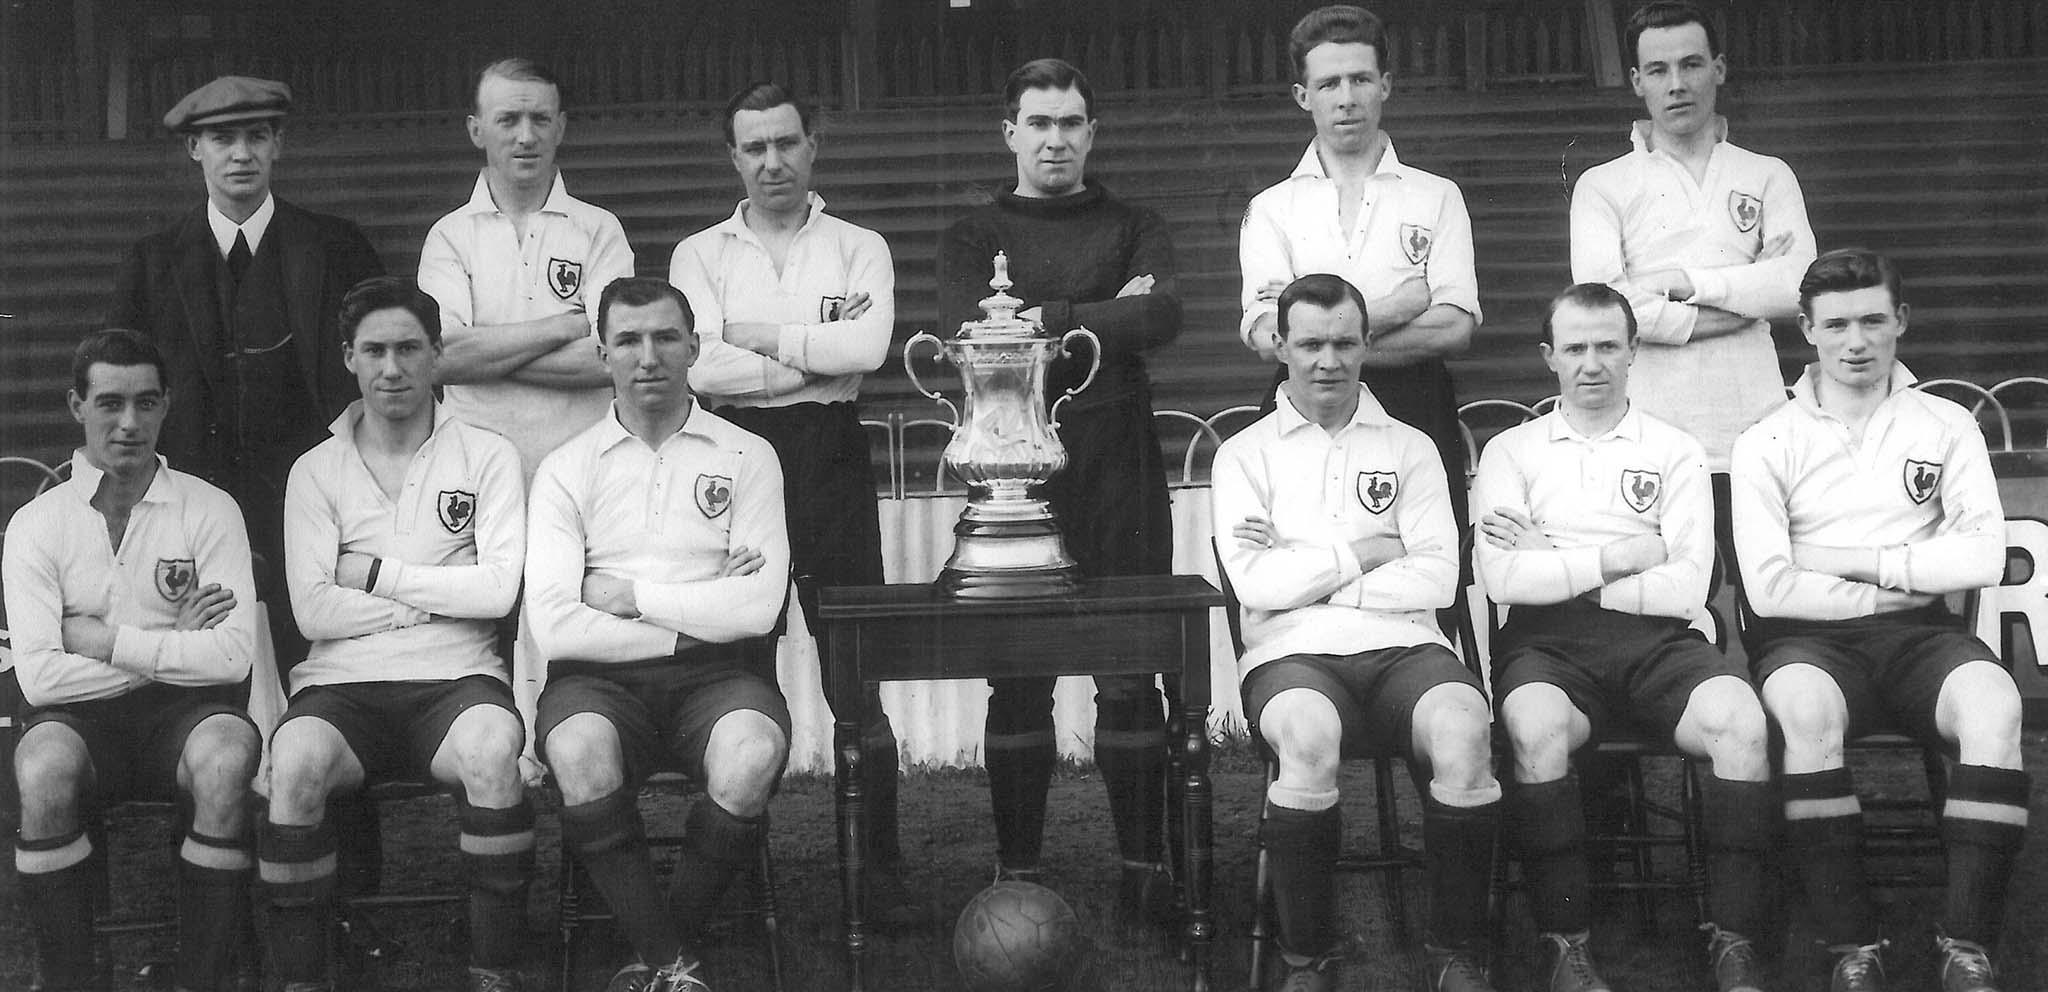 Spurs Trophies Honours Tottenham Hotspur